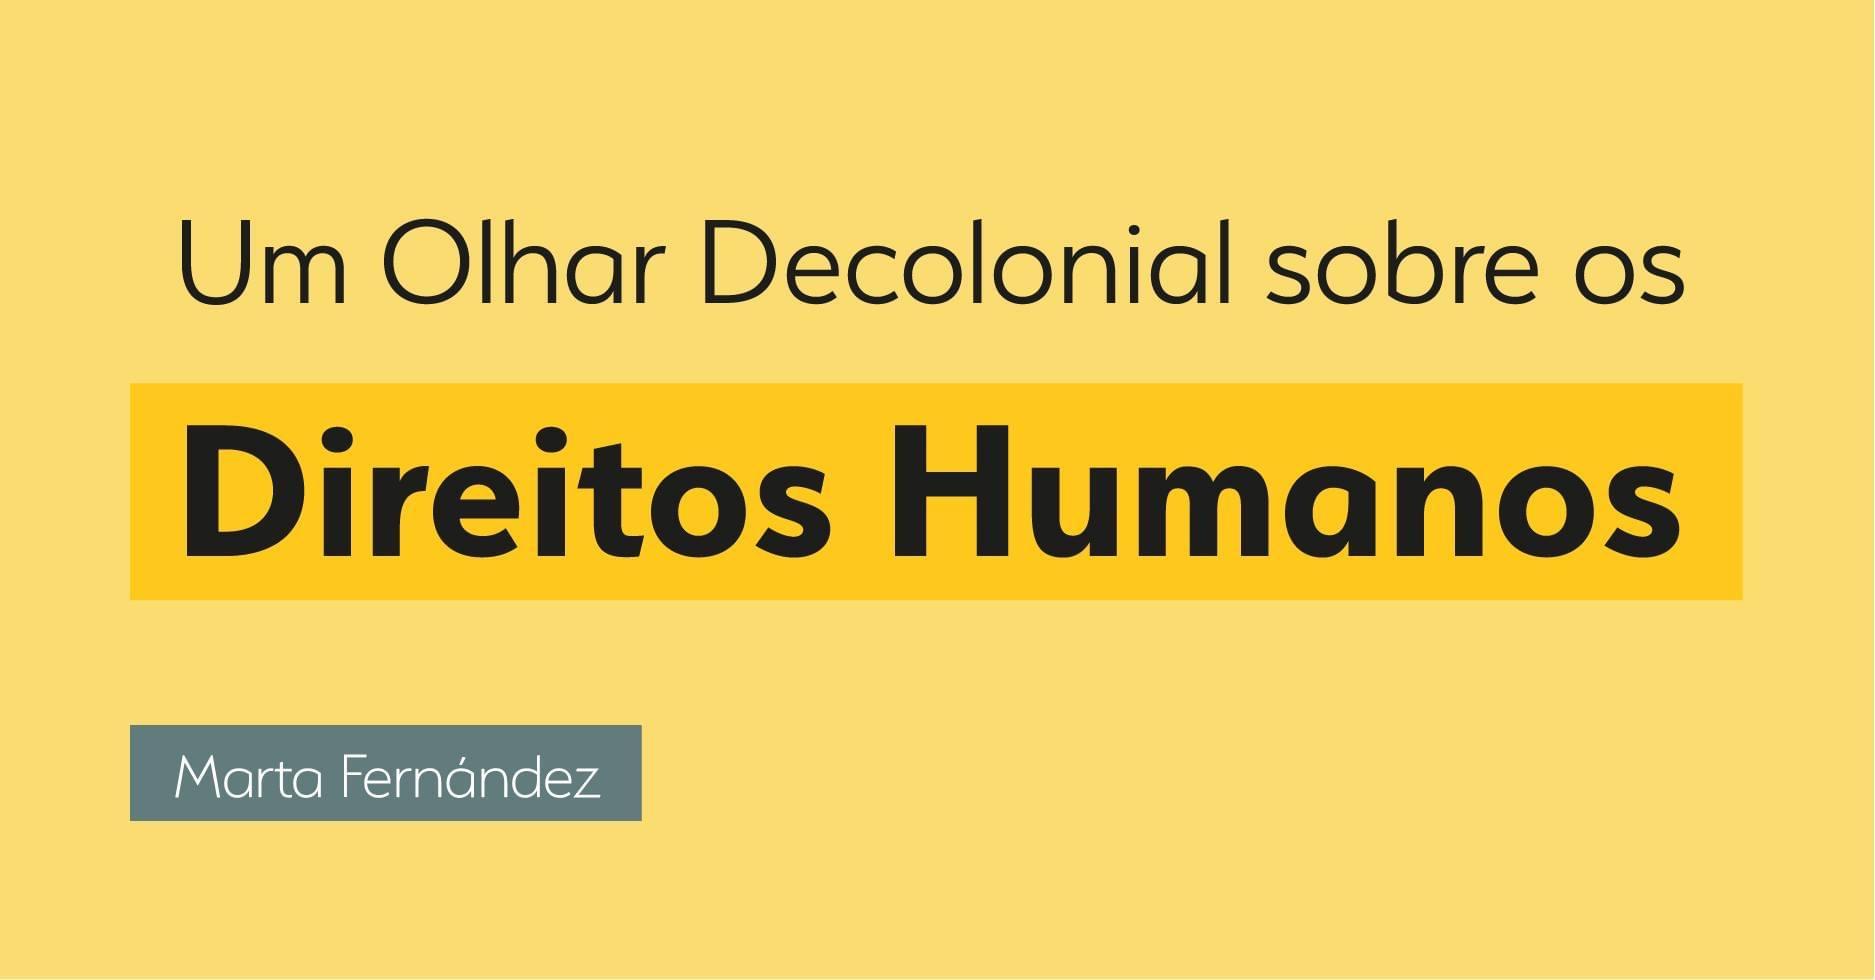 Um Olhar Decolonial sobre os Direitos Humanos